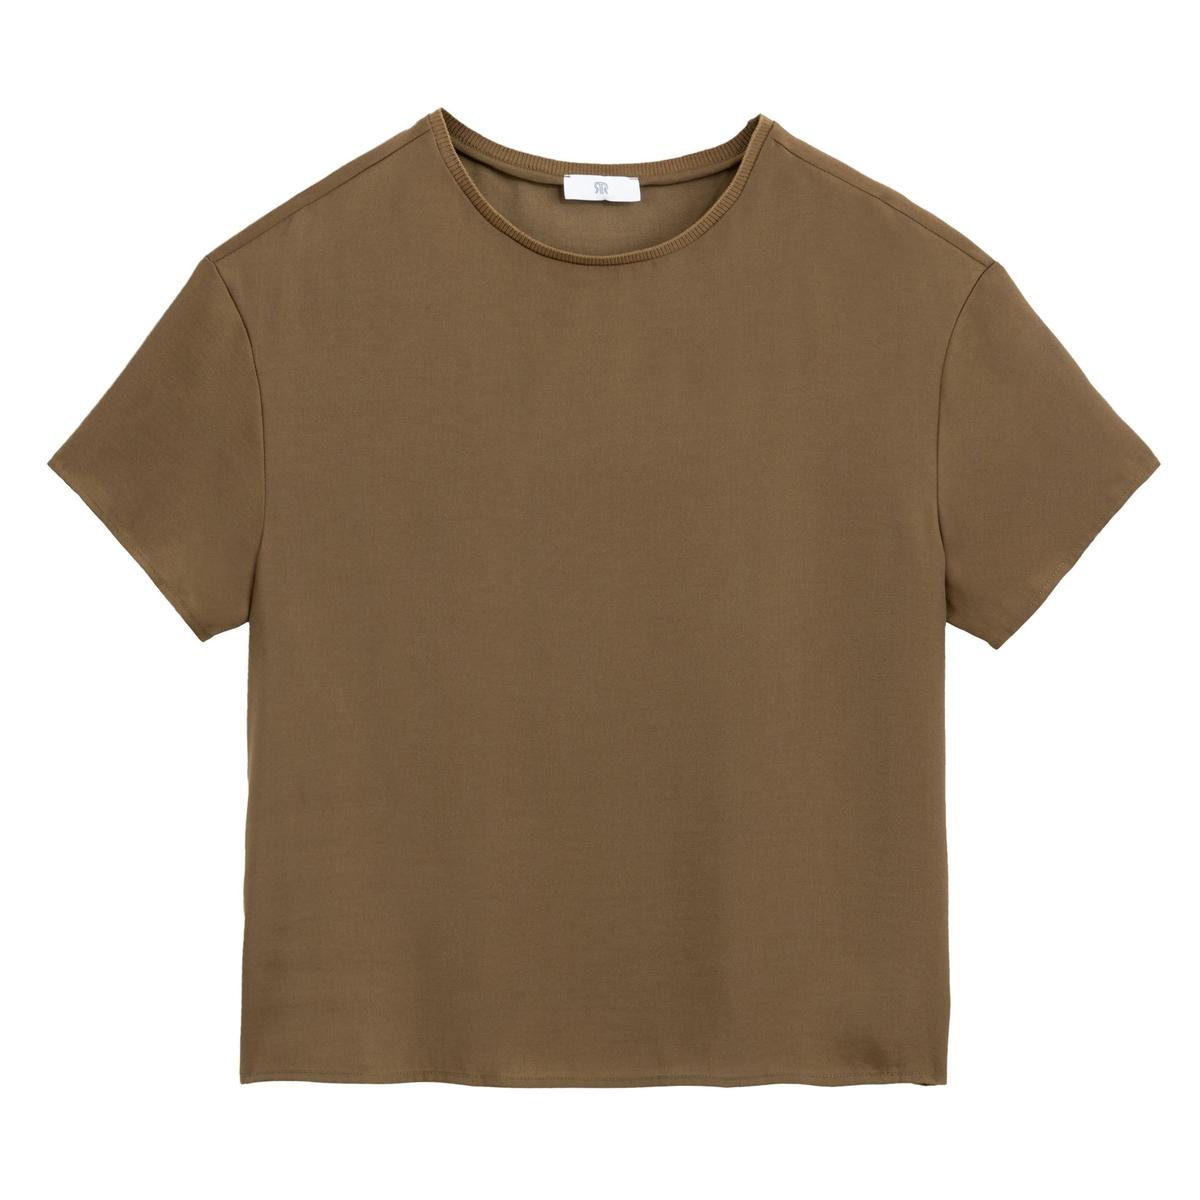 Blusa con cuello redondo, de manga corta